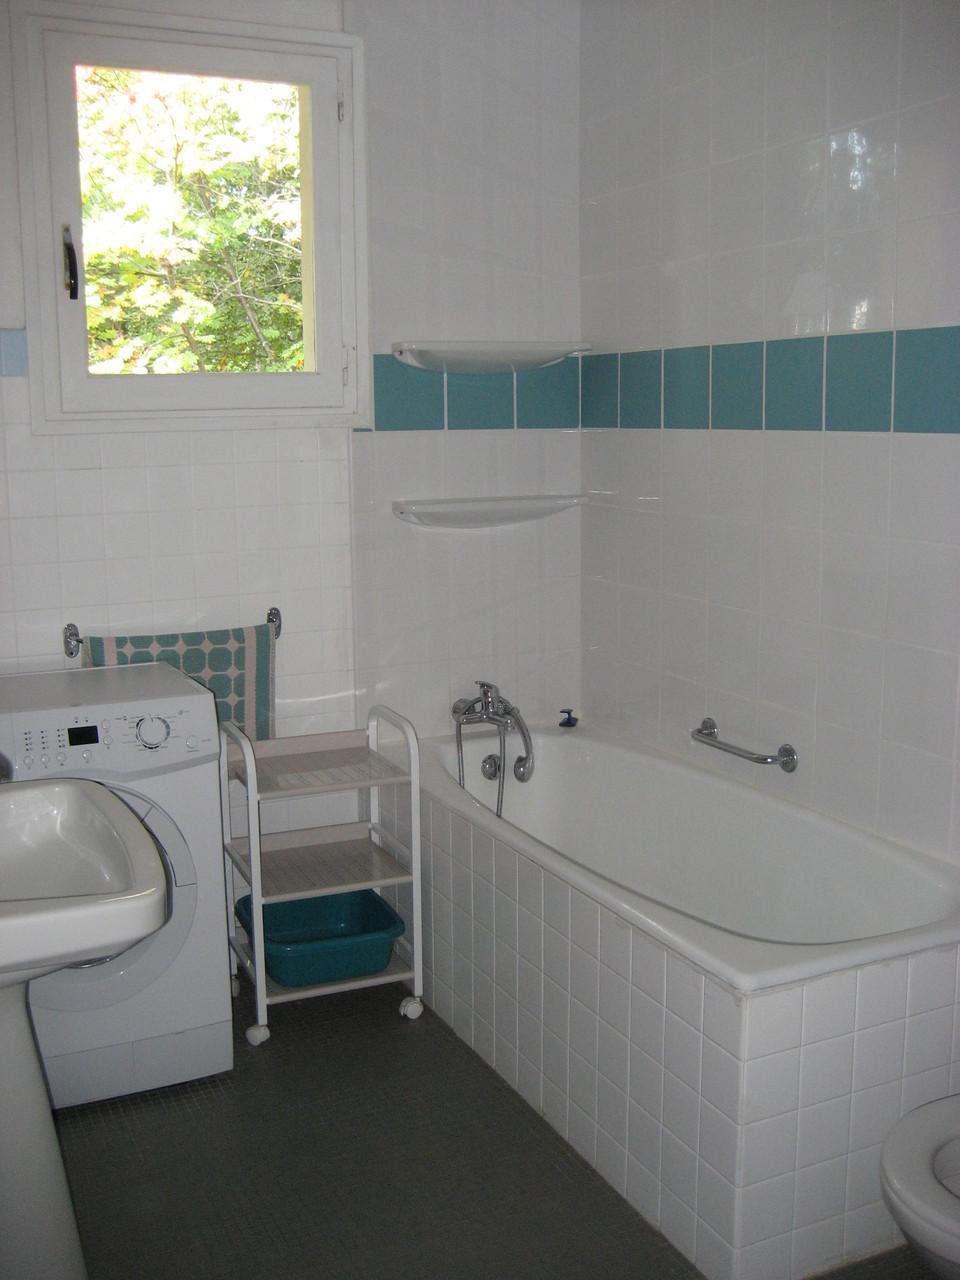 Salle de bain bleue [Chalet Aspones - Font-Romeu]